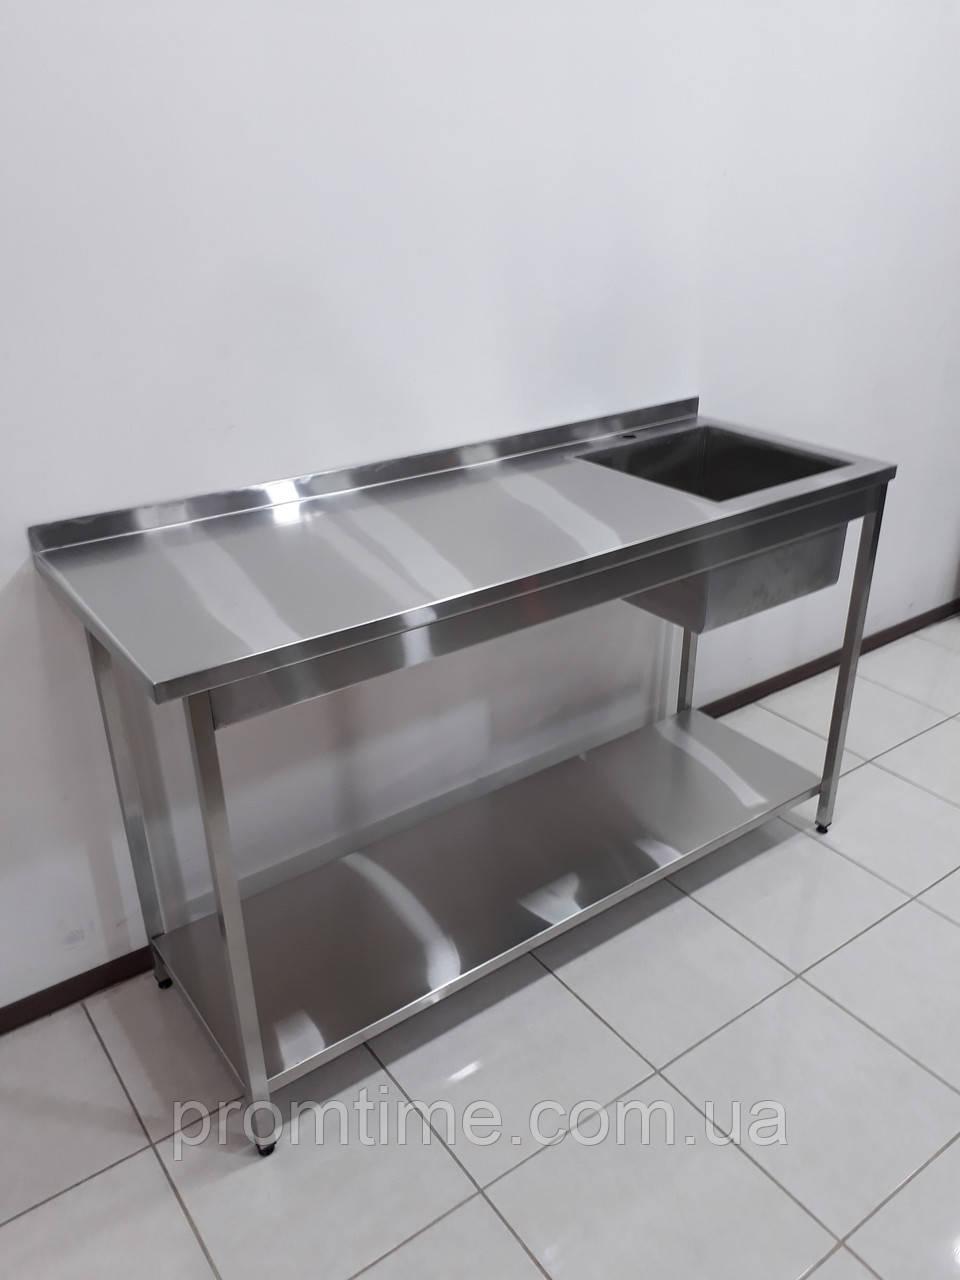 Стол мойка для кухни из нержавеющей стали 1700х600х1000